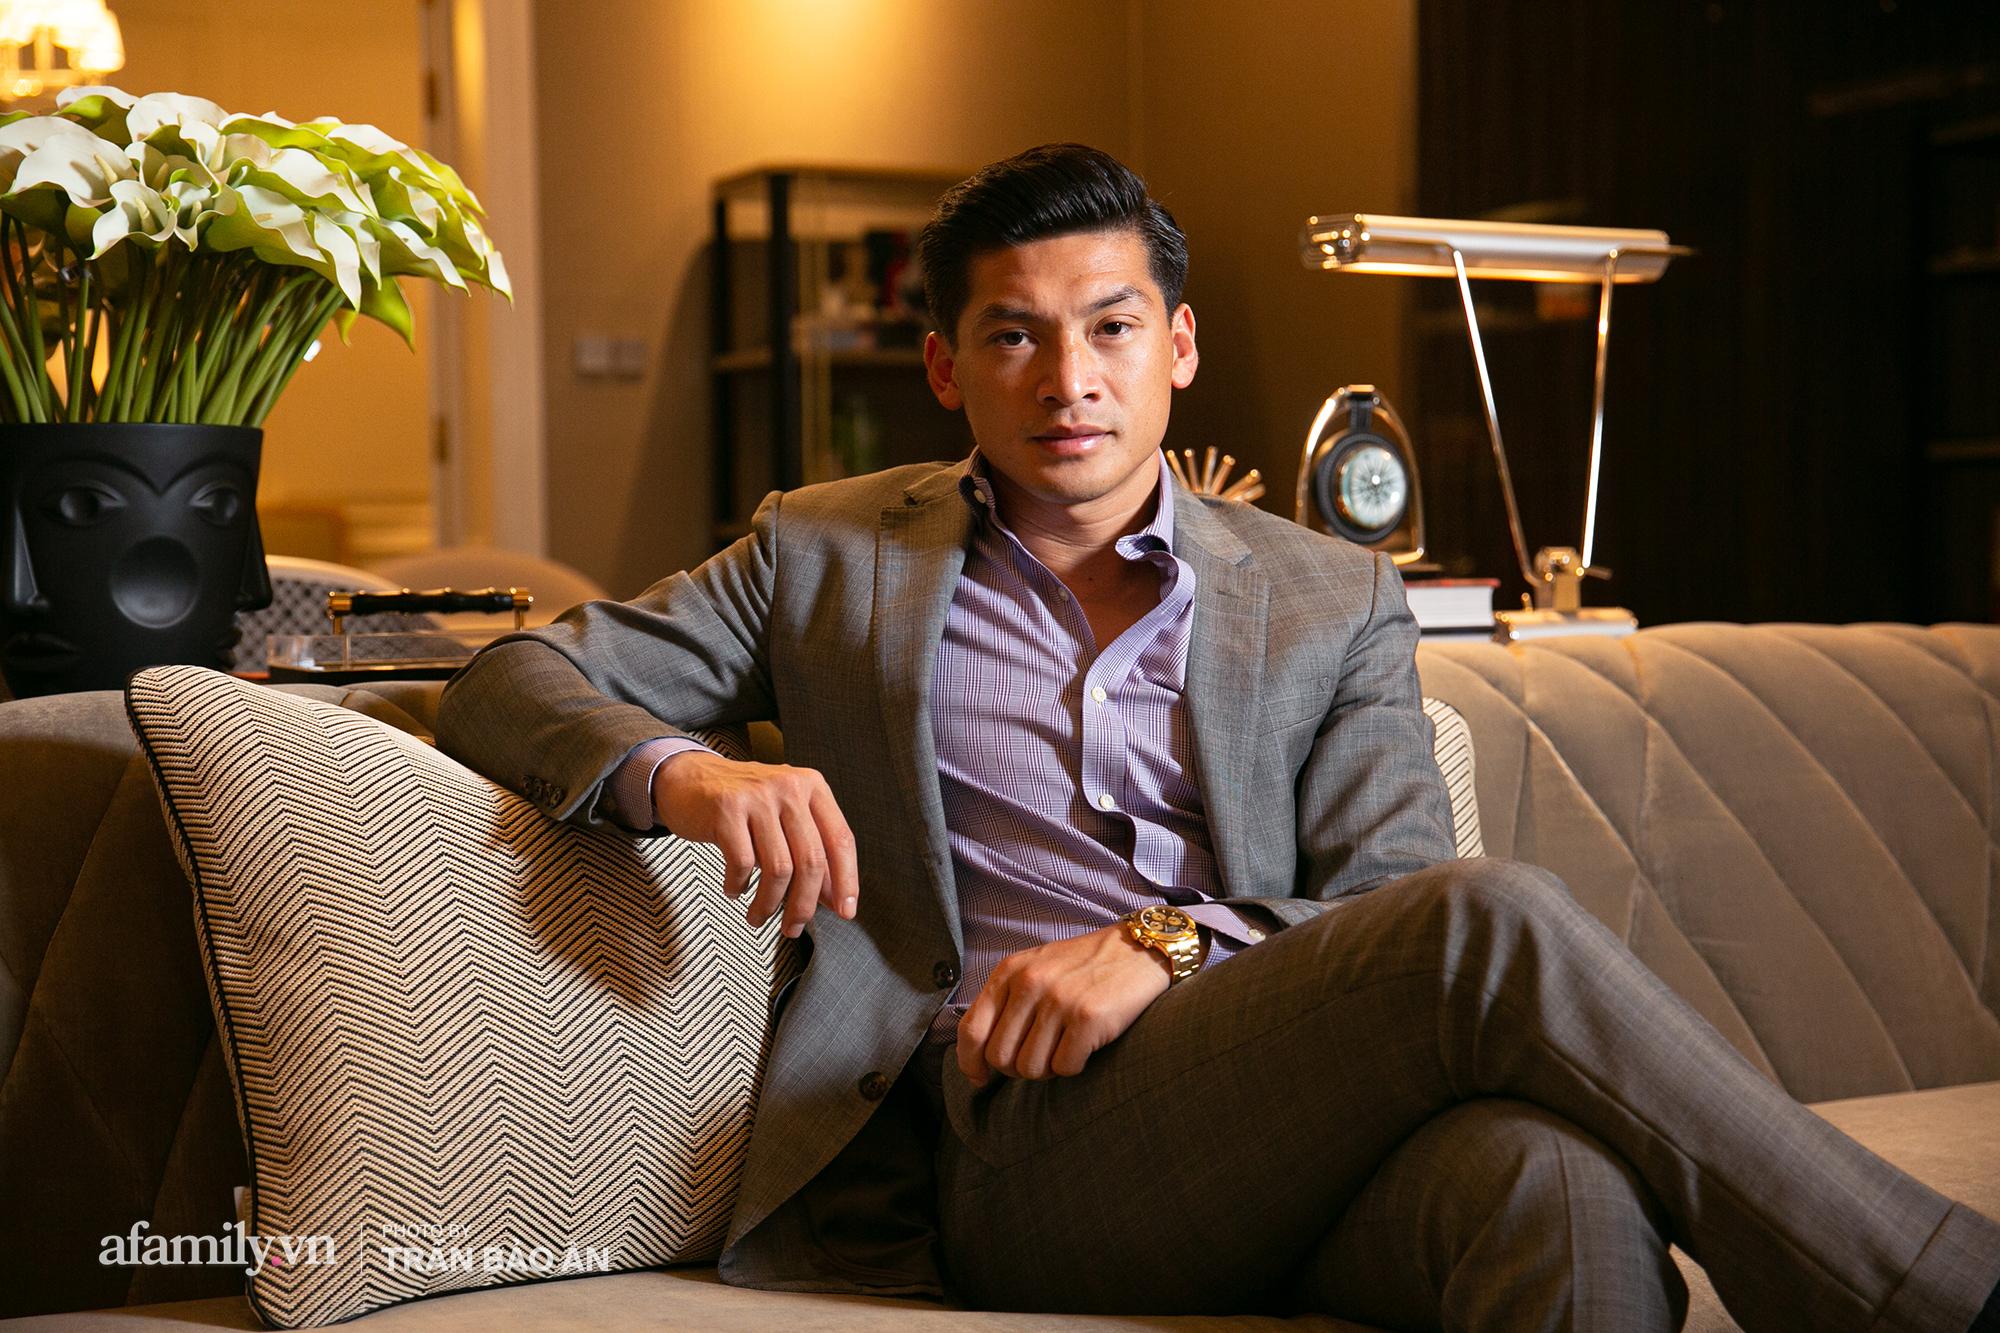 """Yves Huy Phan – CEO 30 tuổi làm chủ đế chế nội thất xa xỉ tiết lộ quá trình """"làm giàu"""" và điều bí mật trong mối tình đồng giới với nhà thiết kế nội thất nổi tiếng nhất Việt Nam - Ảnh 1."""